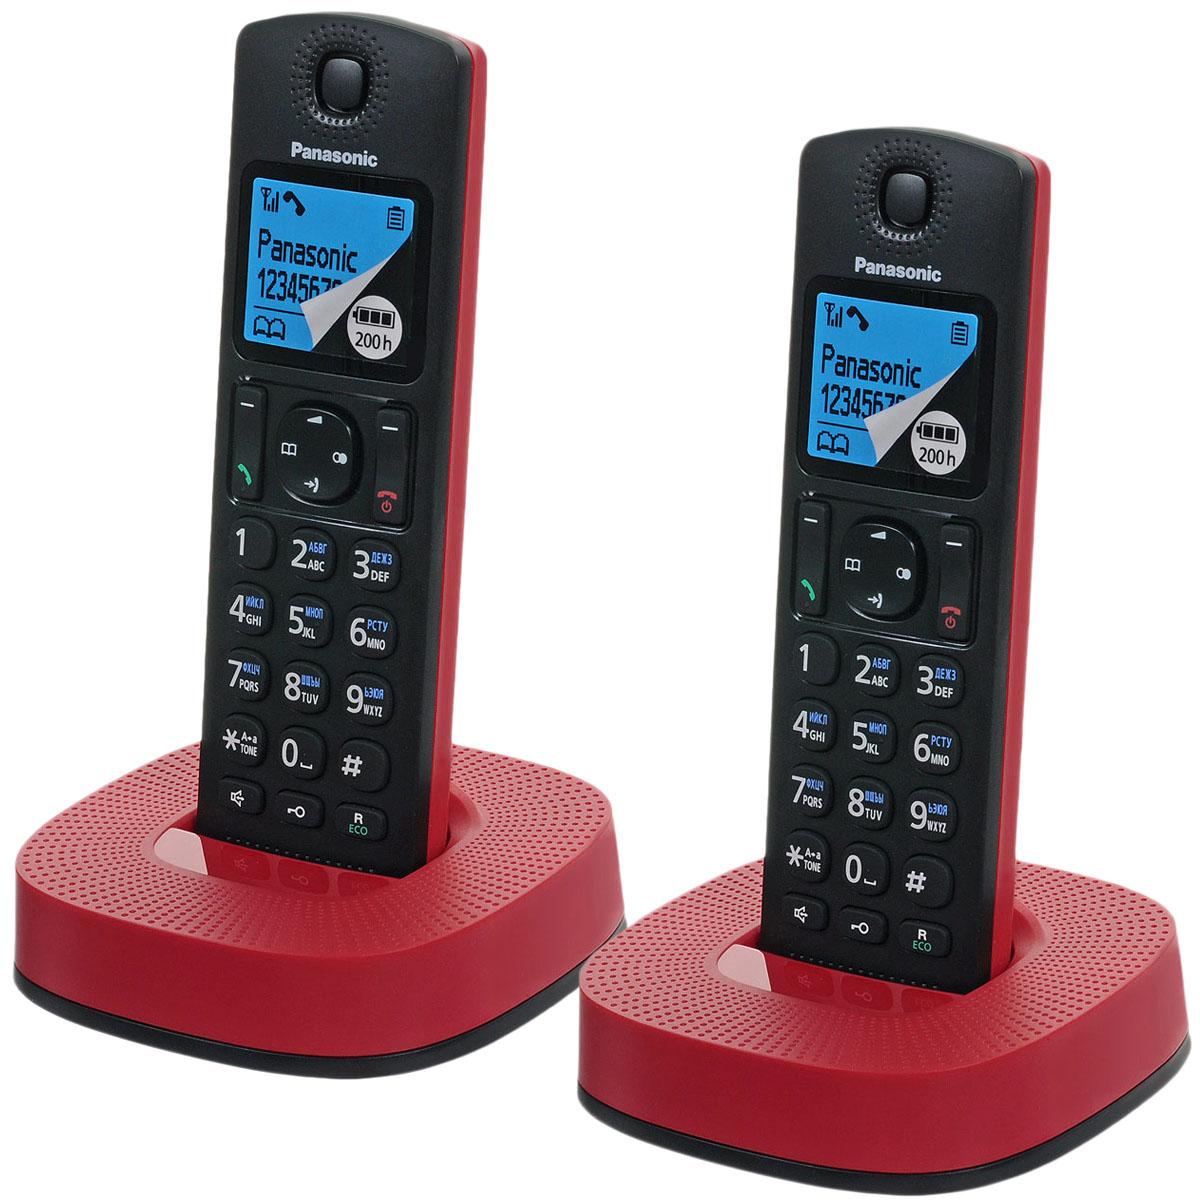 Panasonic KX-TGC312RUR, Black Red DECT телефонKX-TGC312RURPanasonic KX-TGC312RU - компактный и стильный DECT-телефон, который впишется в любой интерьер. Сведите к минимуму количество нежелательных звонков. Вы можете заблокировать любой выбранный номер, а также любые последовательности чисел (от 2 до 8 цифр), совпадающие с номерами, внесенными в черный список. С помощью специальной кнопки блокировки клавиш вы можете избежать случайных вызовов и нежелательных изменений настроек, поэтому телефон можно с удобством носить в кармане. Питание устройства осуществляется от аккумуляторов типа Ni-MH (в комплекте).